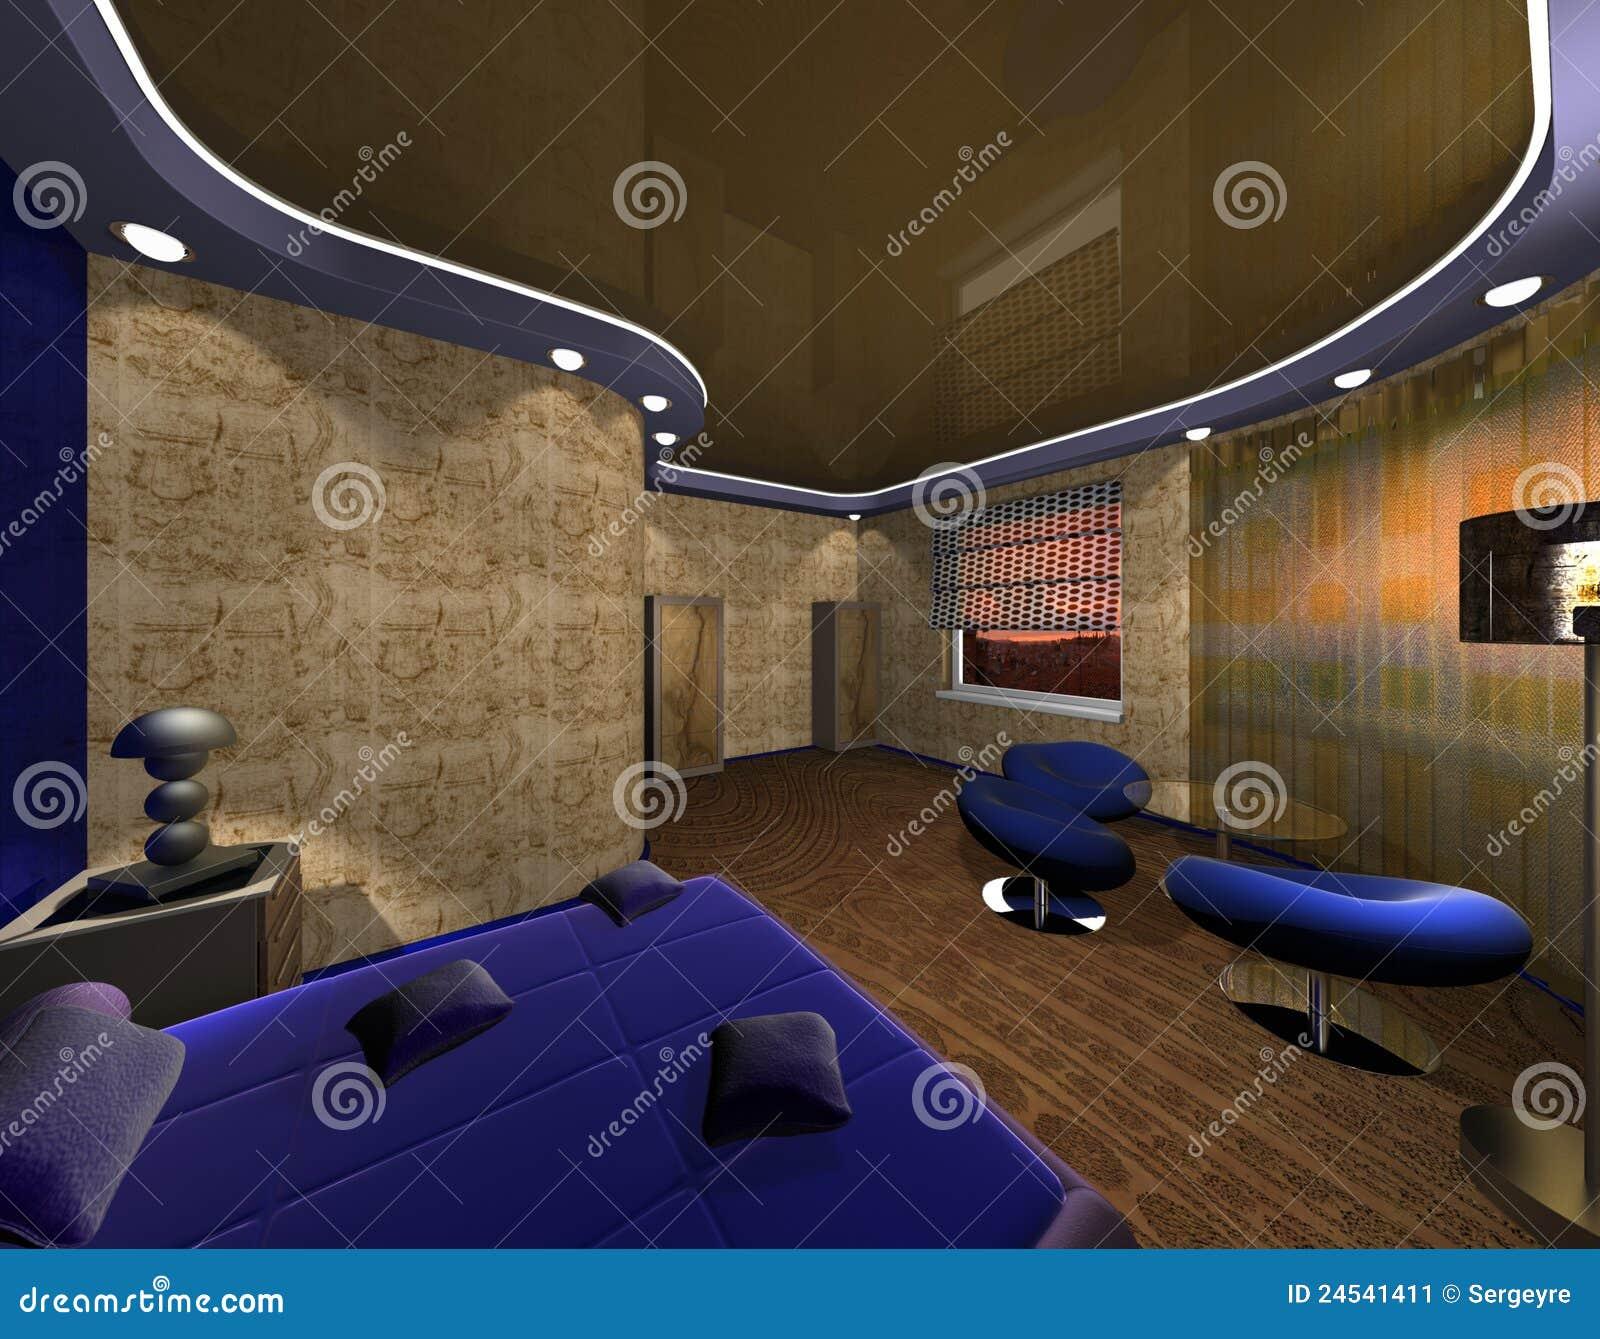 Ontwerp in de slaapkamer inspiratie het beste interieur - Ontwerp van slaapkamers ...